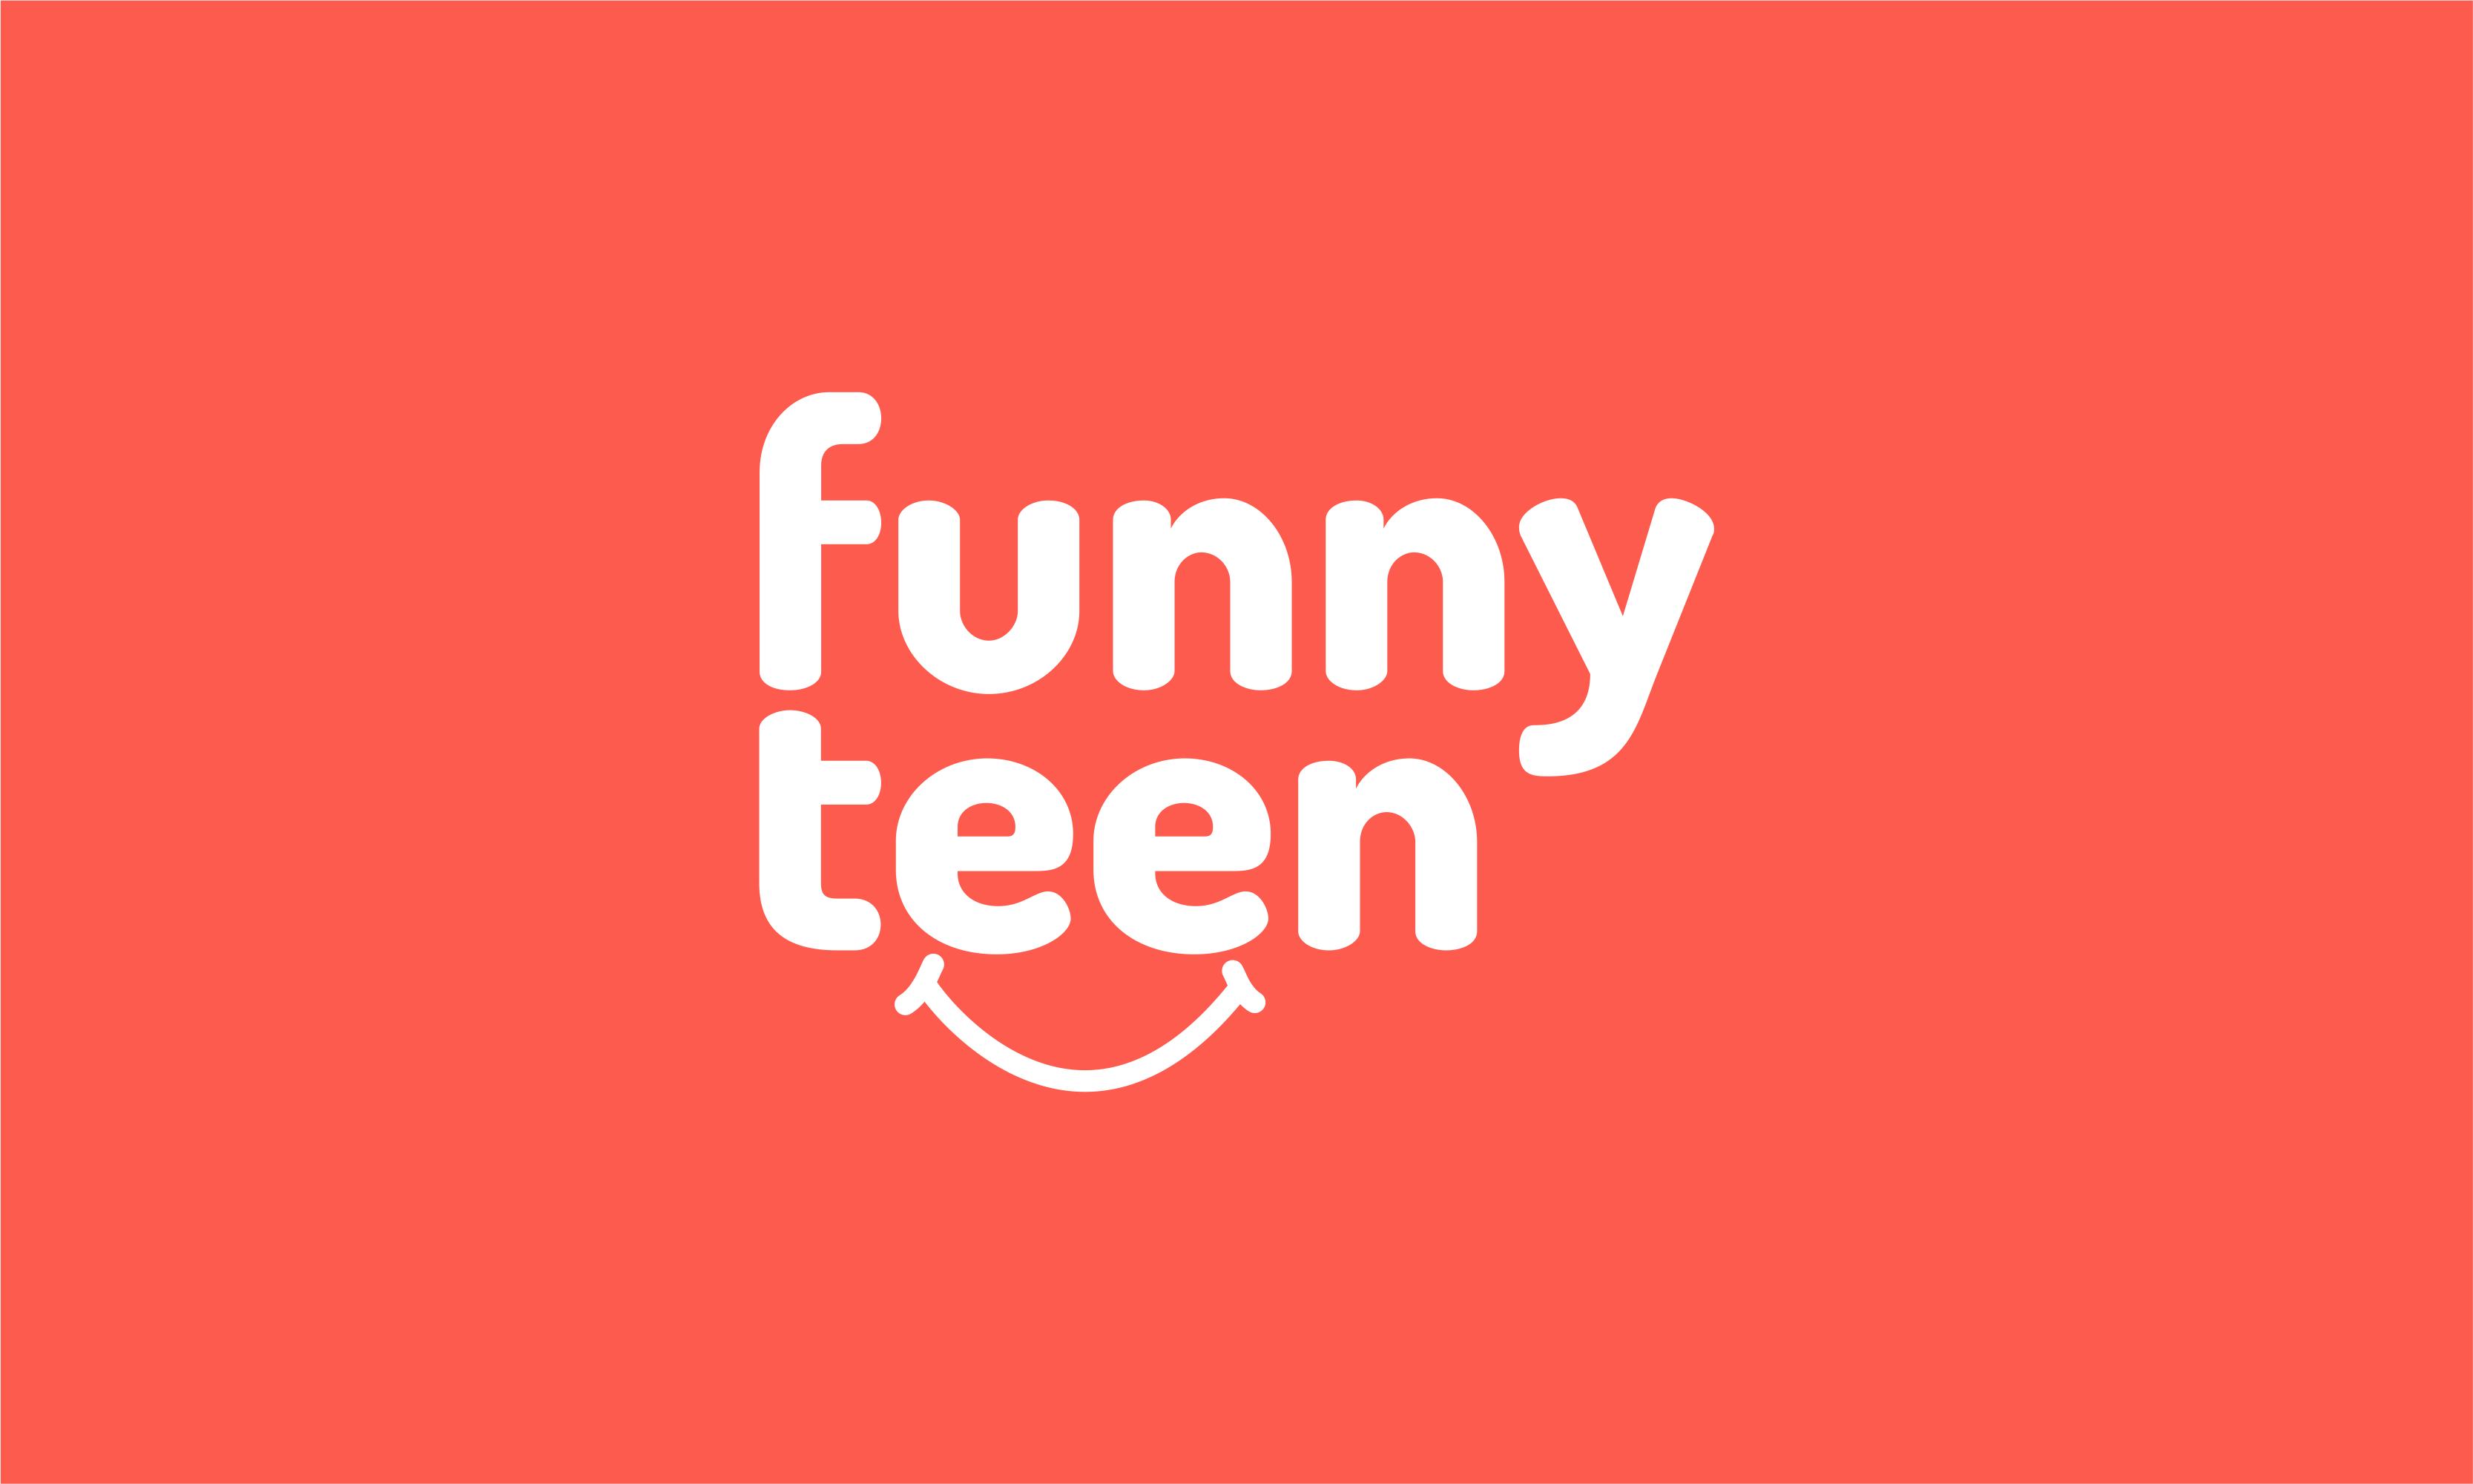 Funnyteen